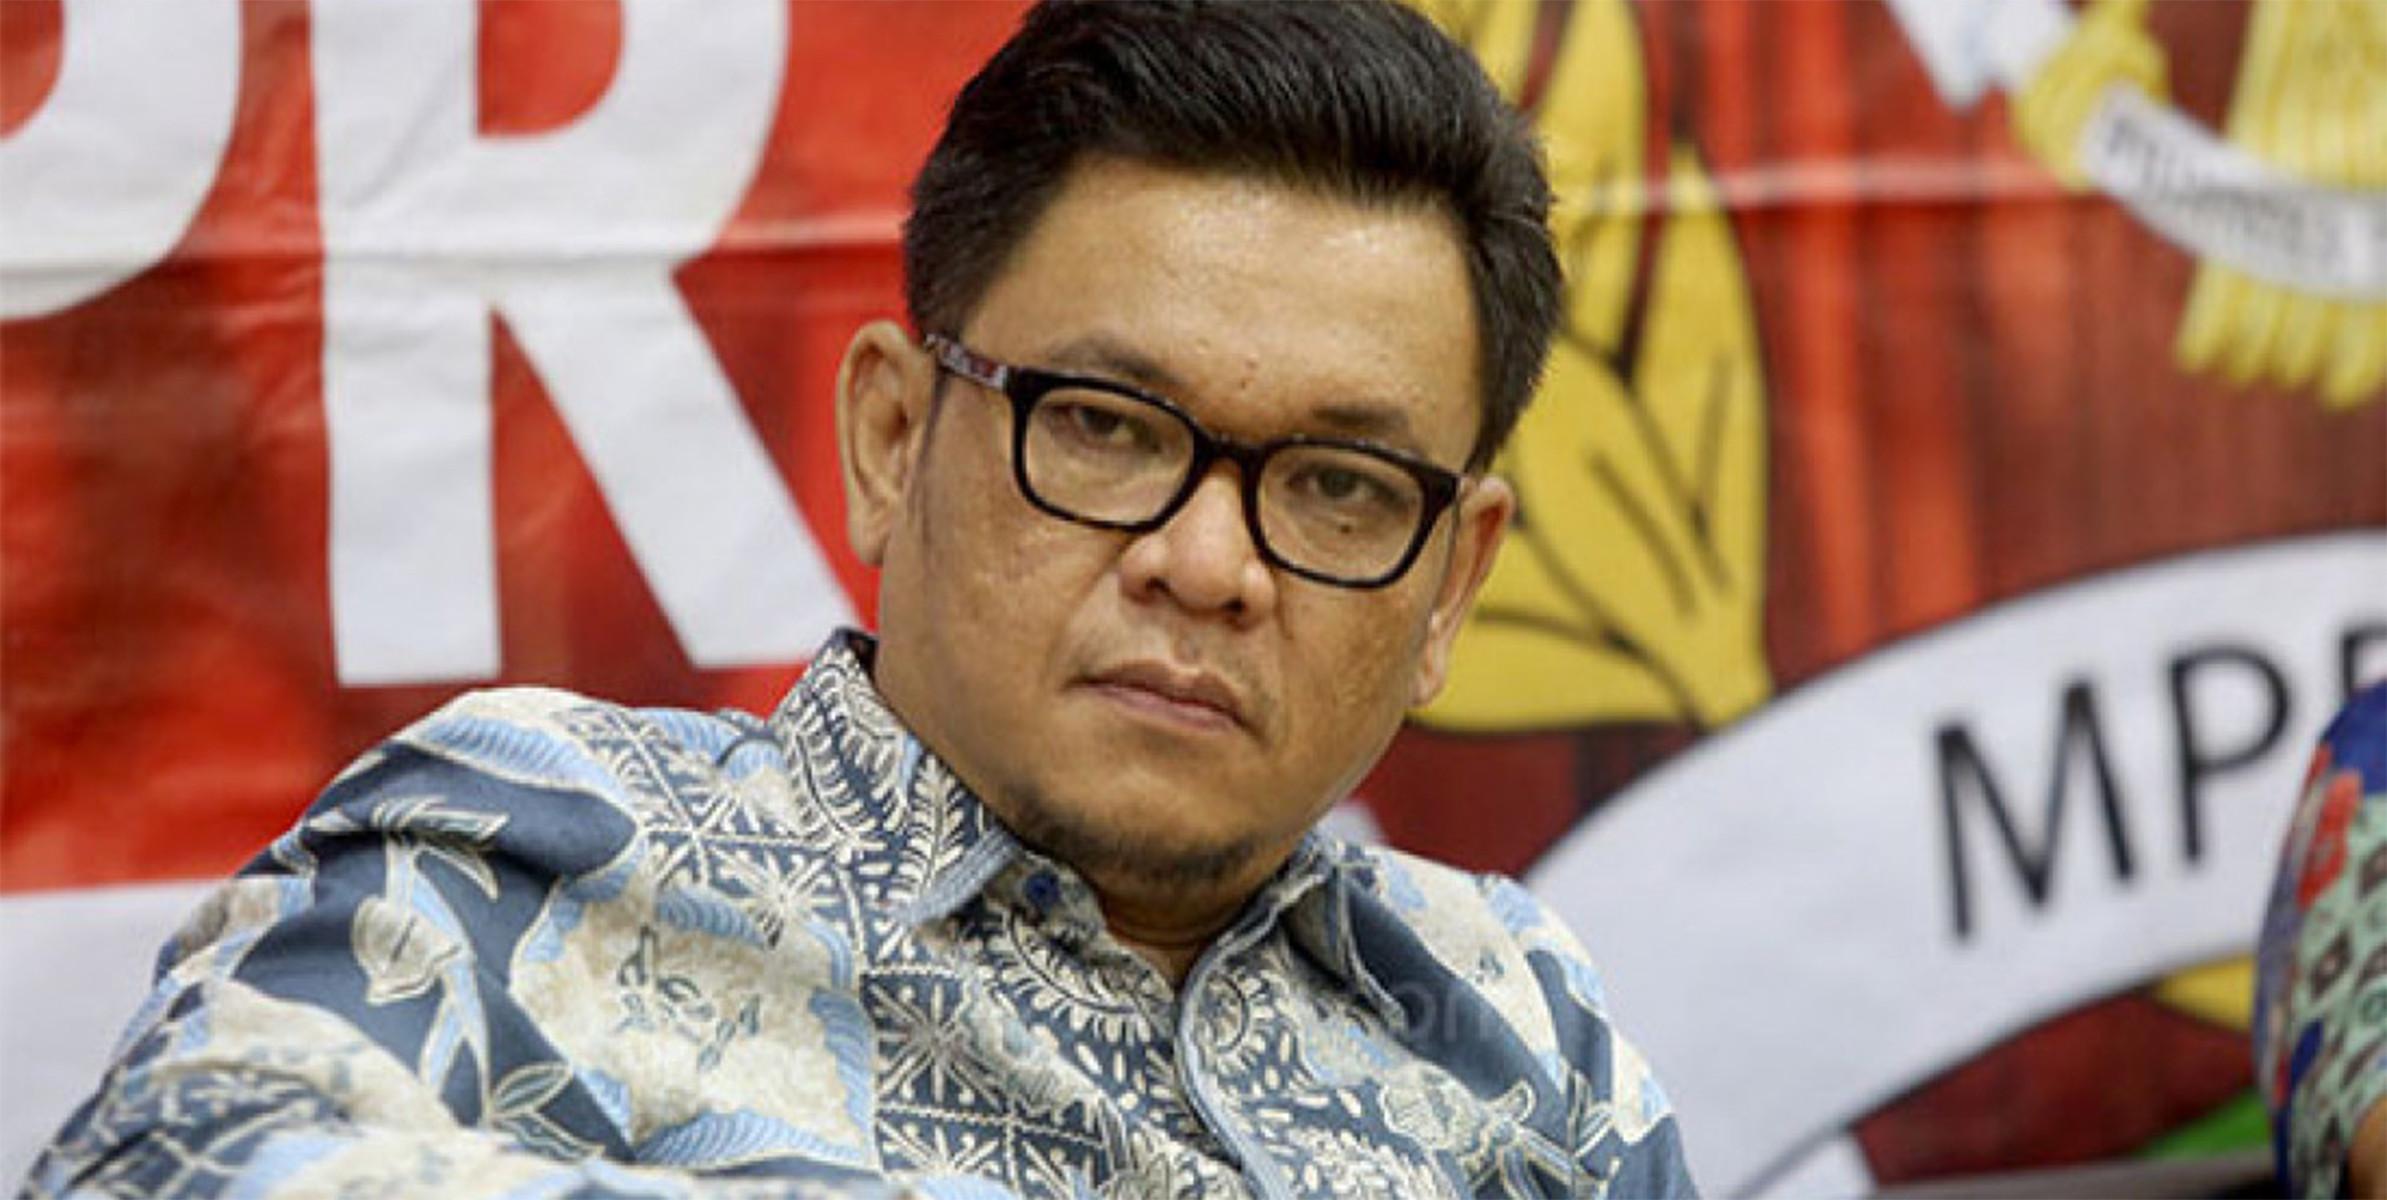 Agar Tak Jadi Polemik, Ace Hasan Minta Sertifikasi Penceramah Diserahkan ke MUI, NU, Muhammadiyah